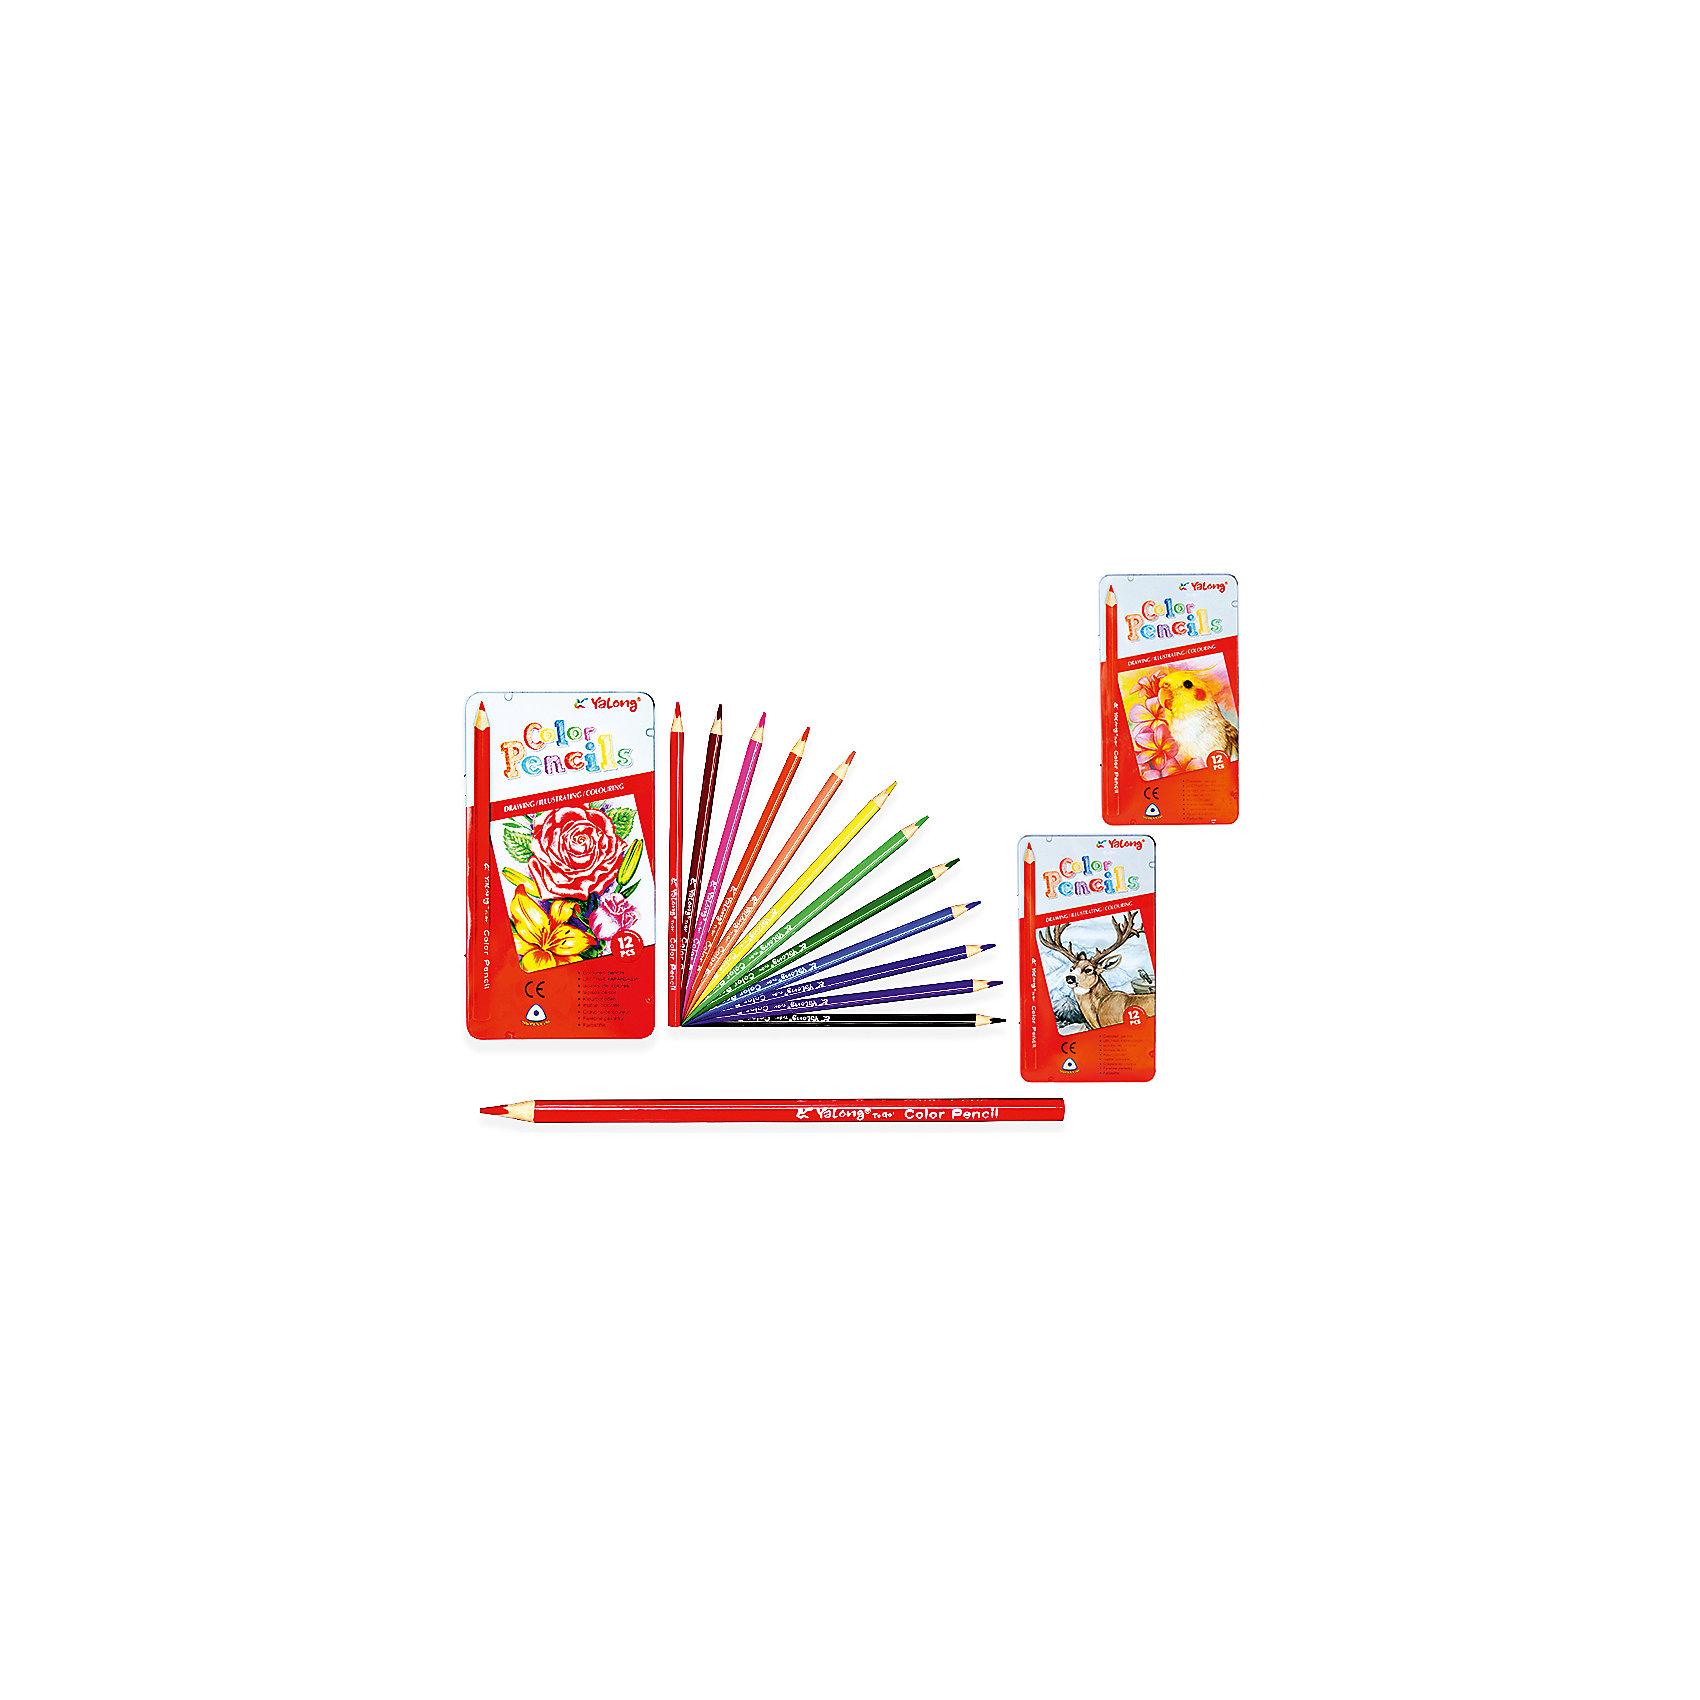 Трехгранные цветные карандаши, 12 цветов в металлическом кейсеПоследняя цена<br>Набор цветных карандашей – классический пункт в списке школьных покупок. Качественные карандаши прослужат ребенку не один год даже при активном использовании. Важно подобрать набор с яркими цветами, мягким, но прочным стержнем и грифелем с легкой растушевкой. Данная модель набора цветных карандашей – отличный выбор для обновки школьного пенала. Карандаши имеют трехгранный корпус, что выглядит довольно необычно. Все материалы, использованные при изготовлении, отвечают международным требованиям по качеству и безопасности.<br><br>Дополнительная информация: <br>количество цветов: 12 шт;<br><br>Набор цветных карандашей можно приобрести в нашем магазине.<br><br>Ширина мм: 100<br>Глубина мм: 100<br>Высота мм: 10<br>Вес г: 50<br>Возраст от месяцев: 36<br>Возраст до месяцев: 120<br>Пол: Унисекс<br>Возраст: Детский<br>SKU: 4993554